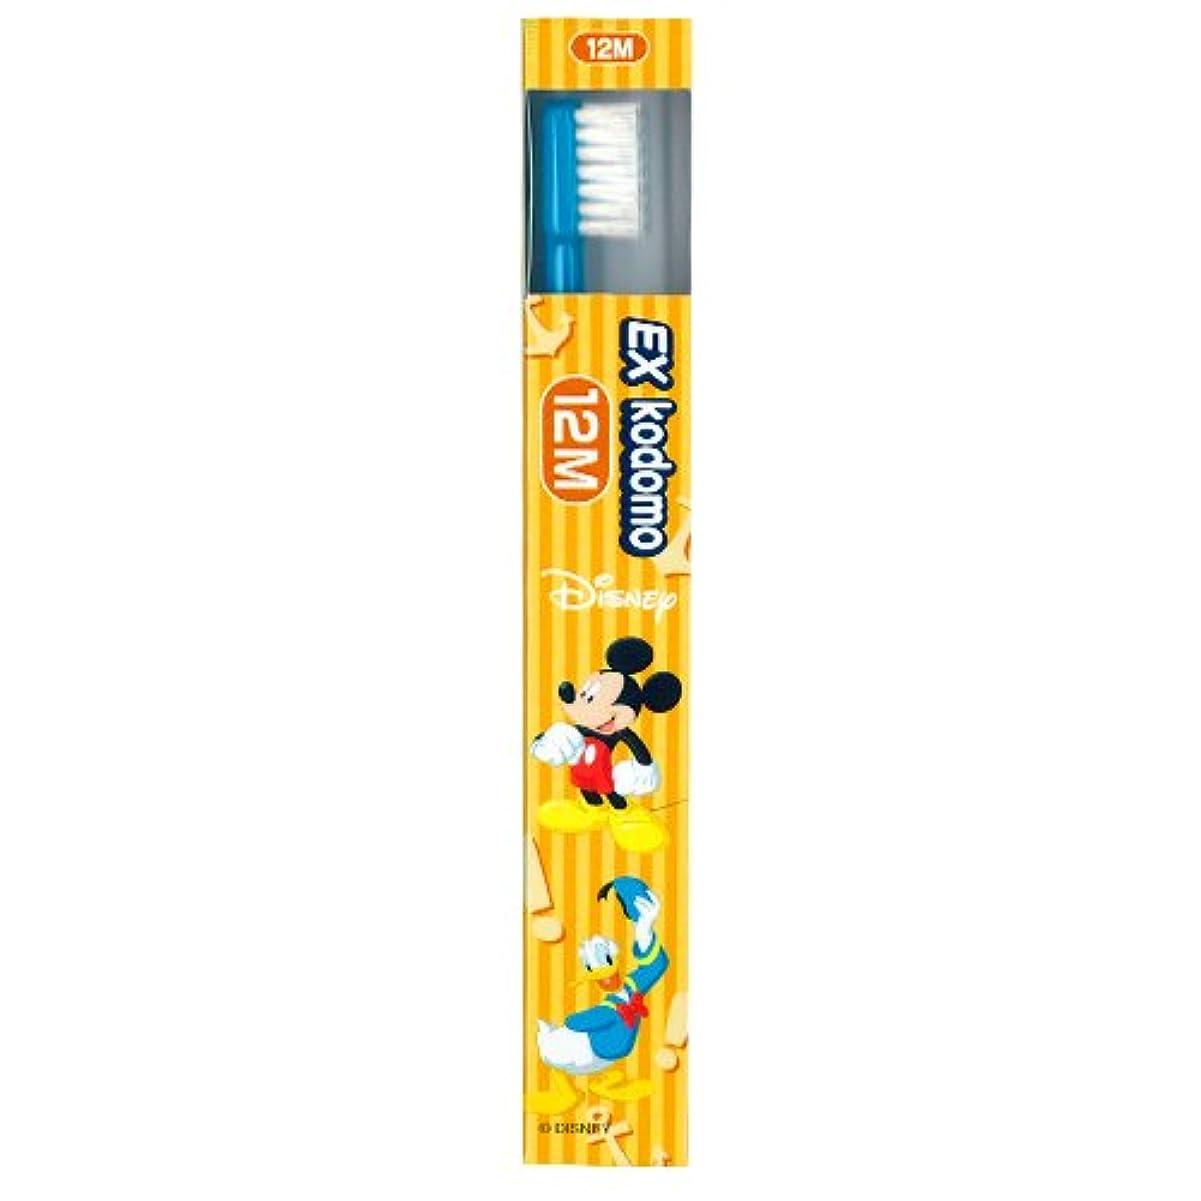 一回ウェーハ保全ライオン EX kodomo ディズニー 歯ブラシ 1本 12M ブルー